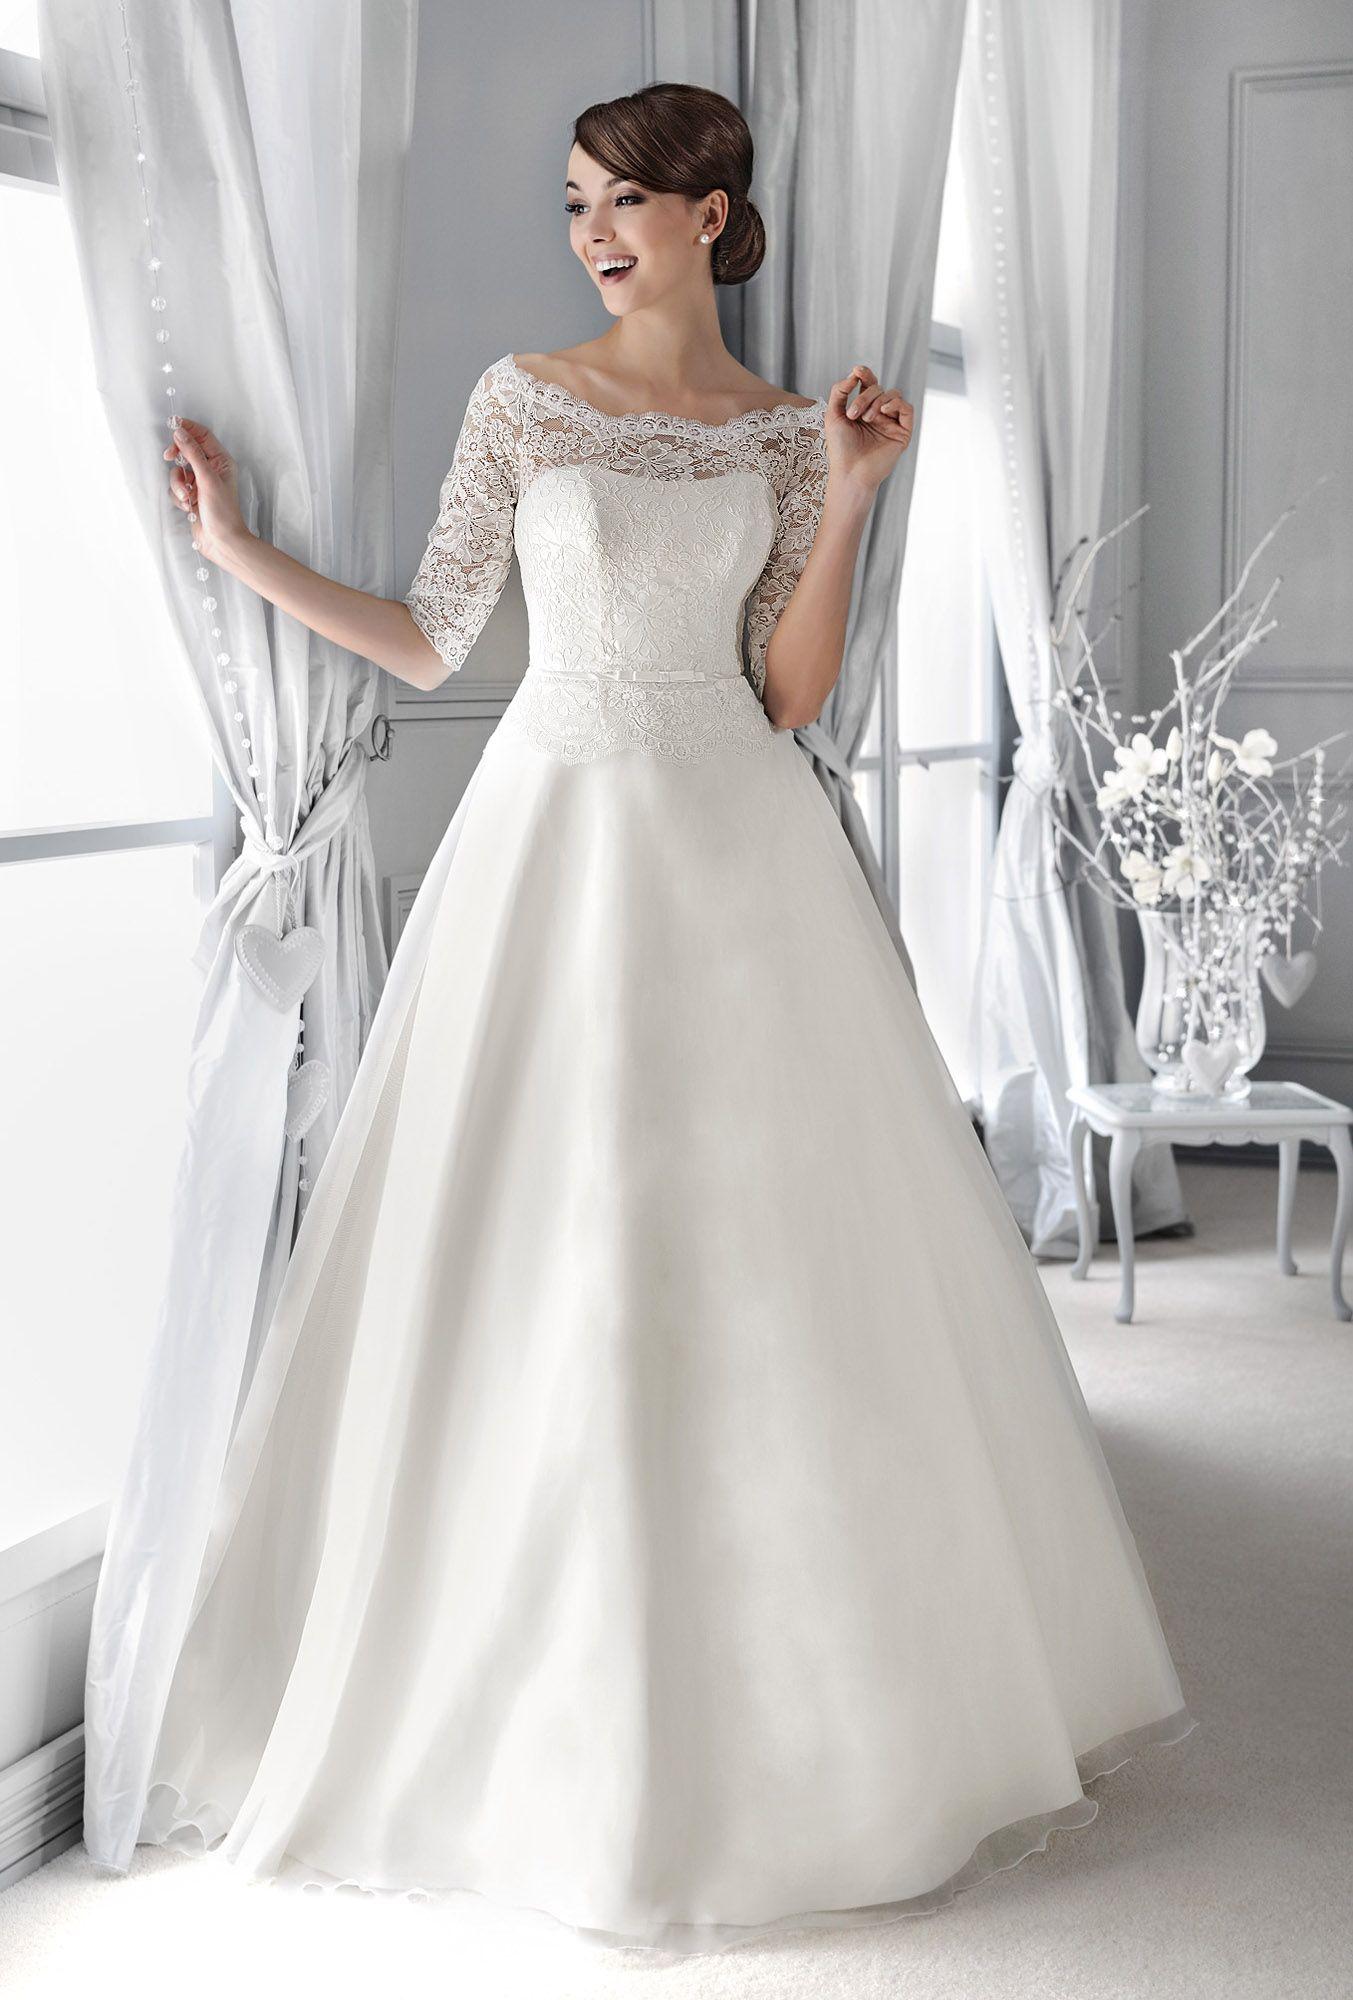 07fd89a42ede8f Crystal Collection - Agnes - koronkowe suknie ślubne, suknie ślubne dla  puszystych: Poznań, Katowice, Trójmiasto